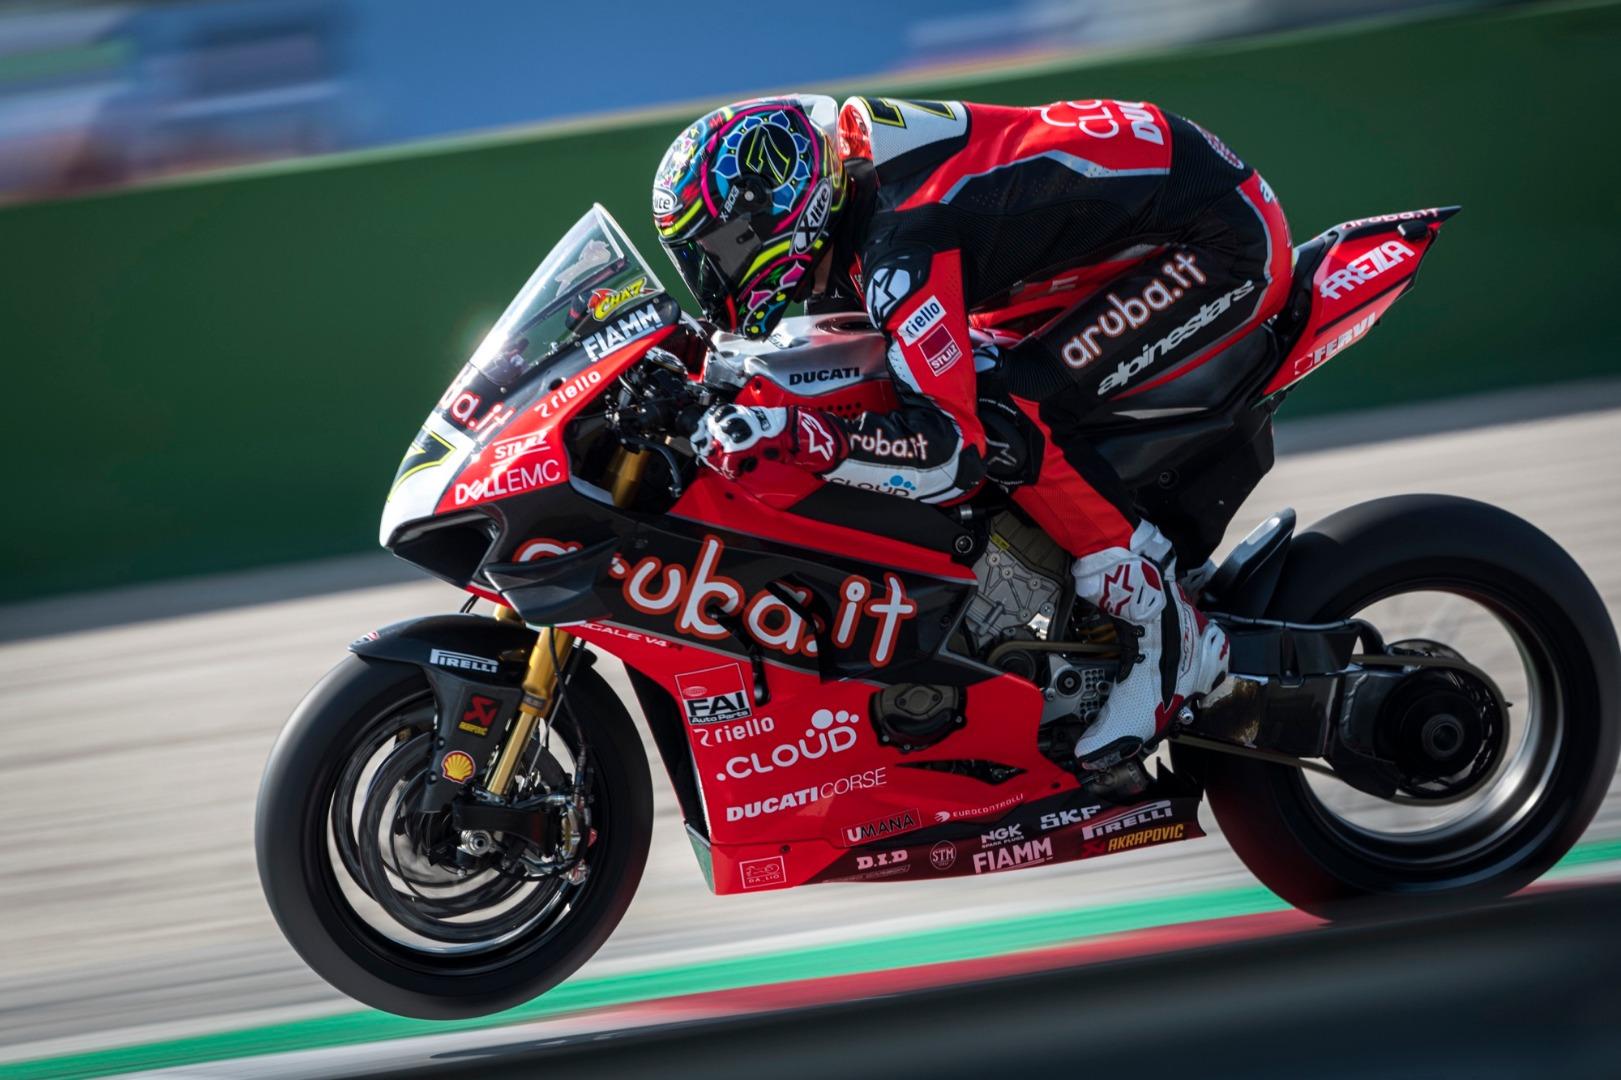 Ducati Panigale V4 R - SBK 2019